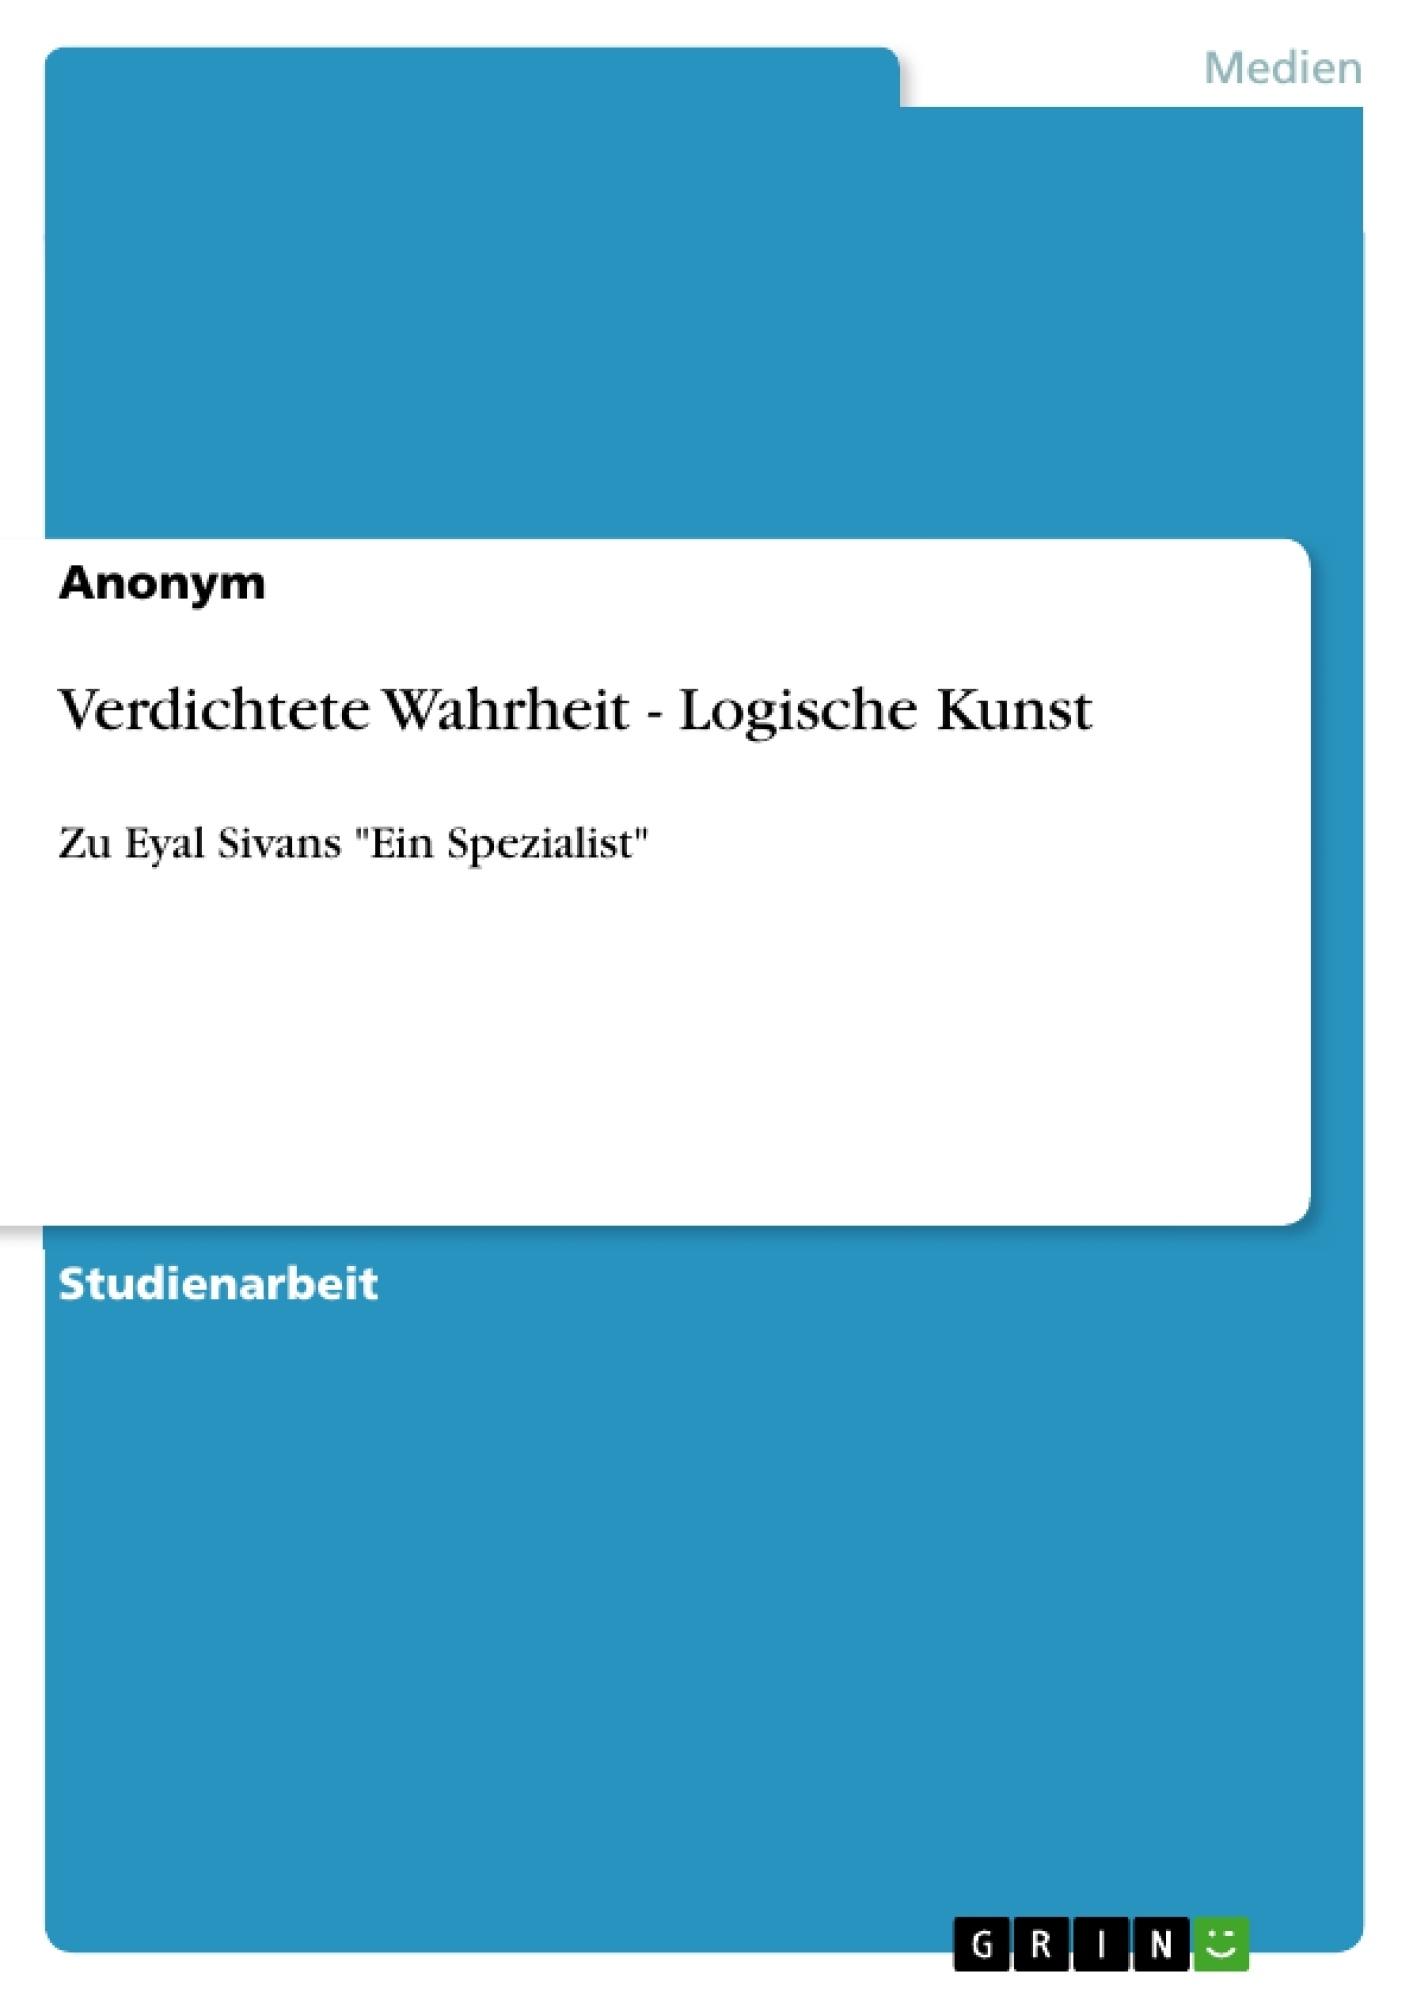 Titel: Verdichtete Wahrheit - Logische Kunst